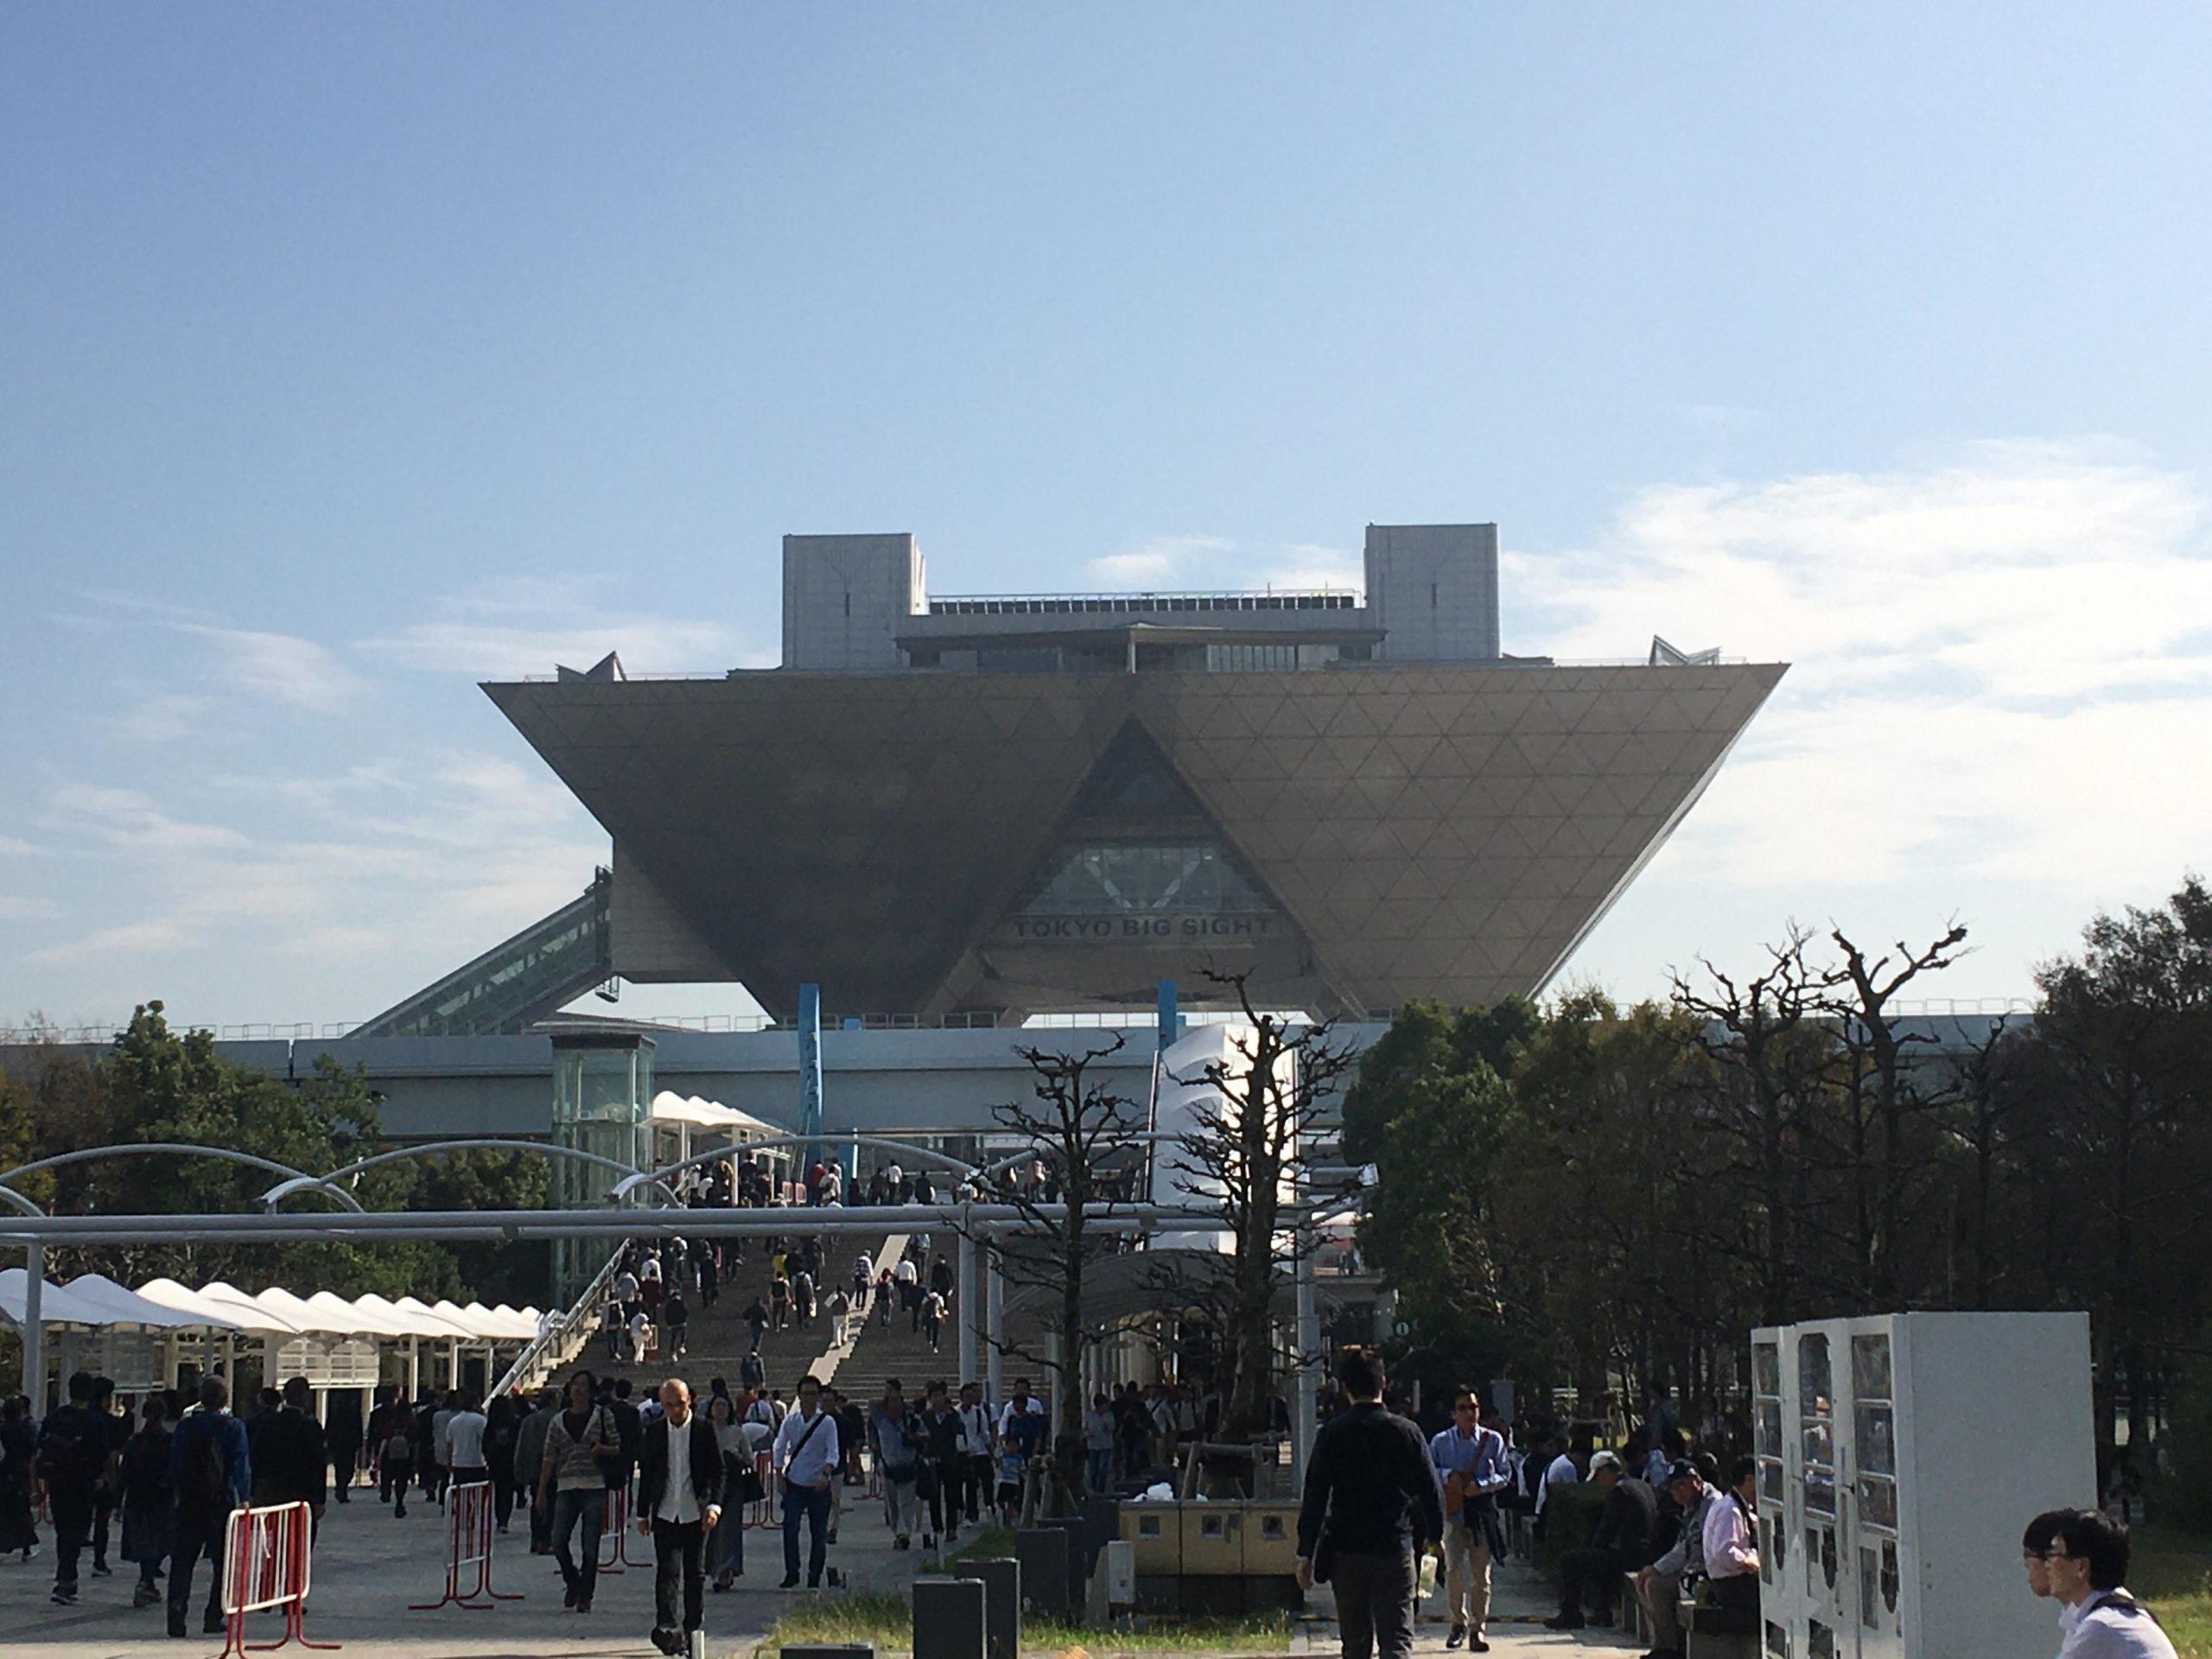 東京モーターショー2019 (東京ビッグサイト)